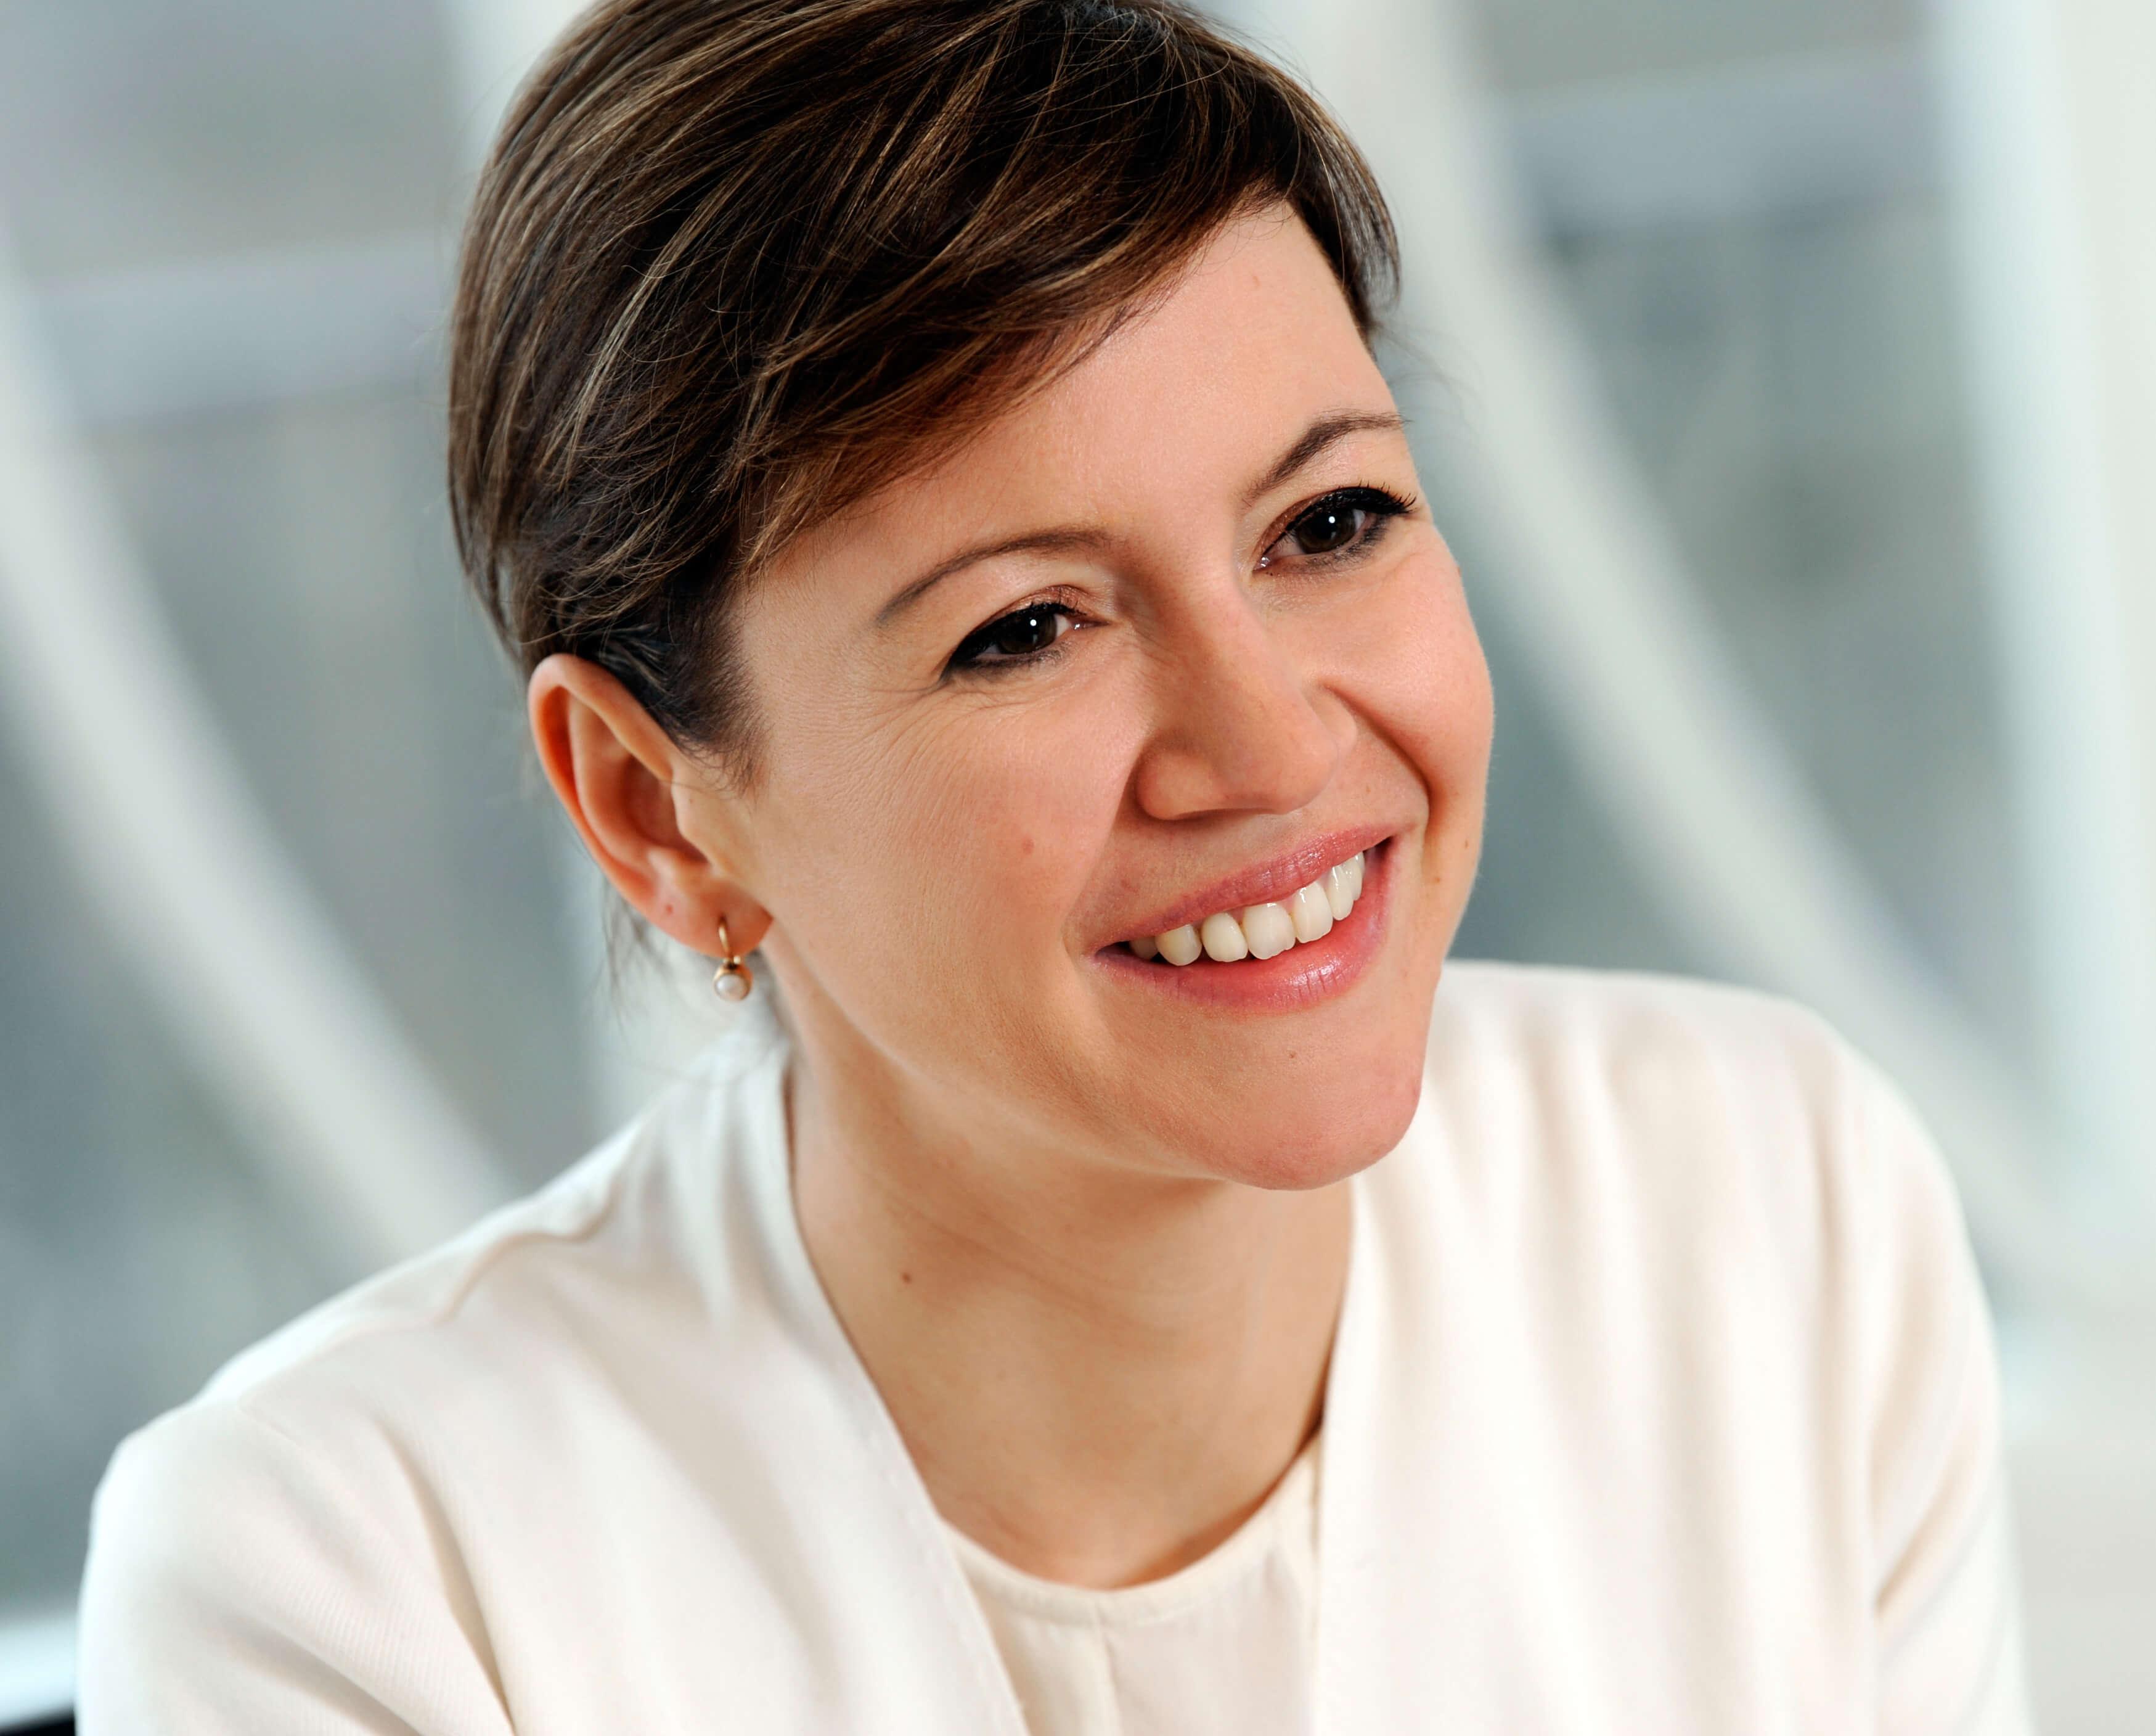 Elisabeth von Lichem (EIB, Goldman Sachs) joins Acton Capital in Munich